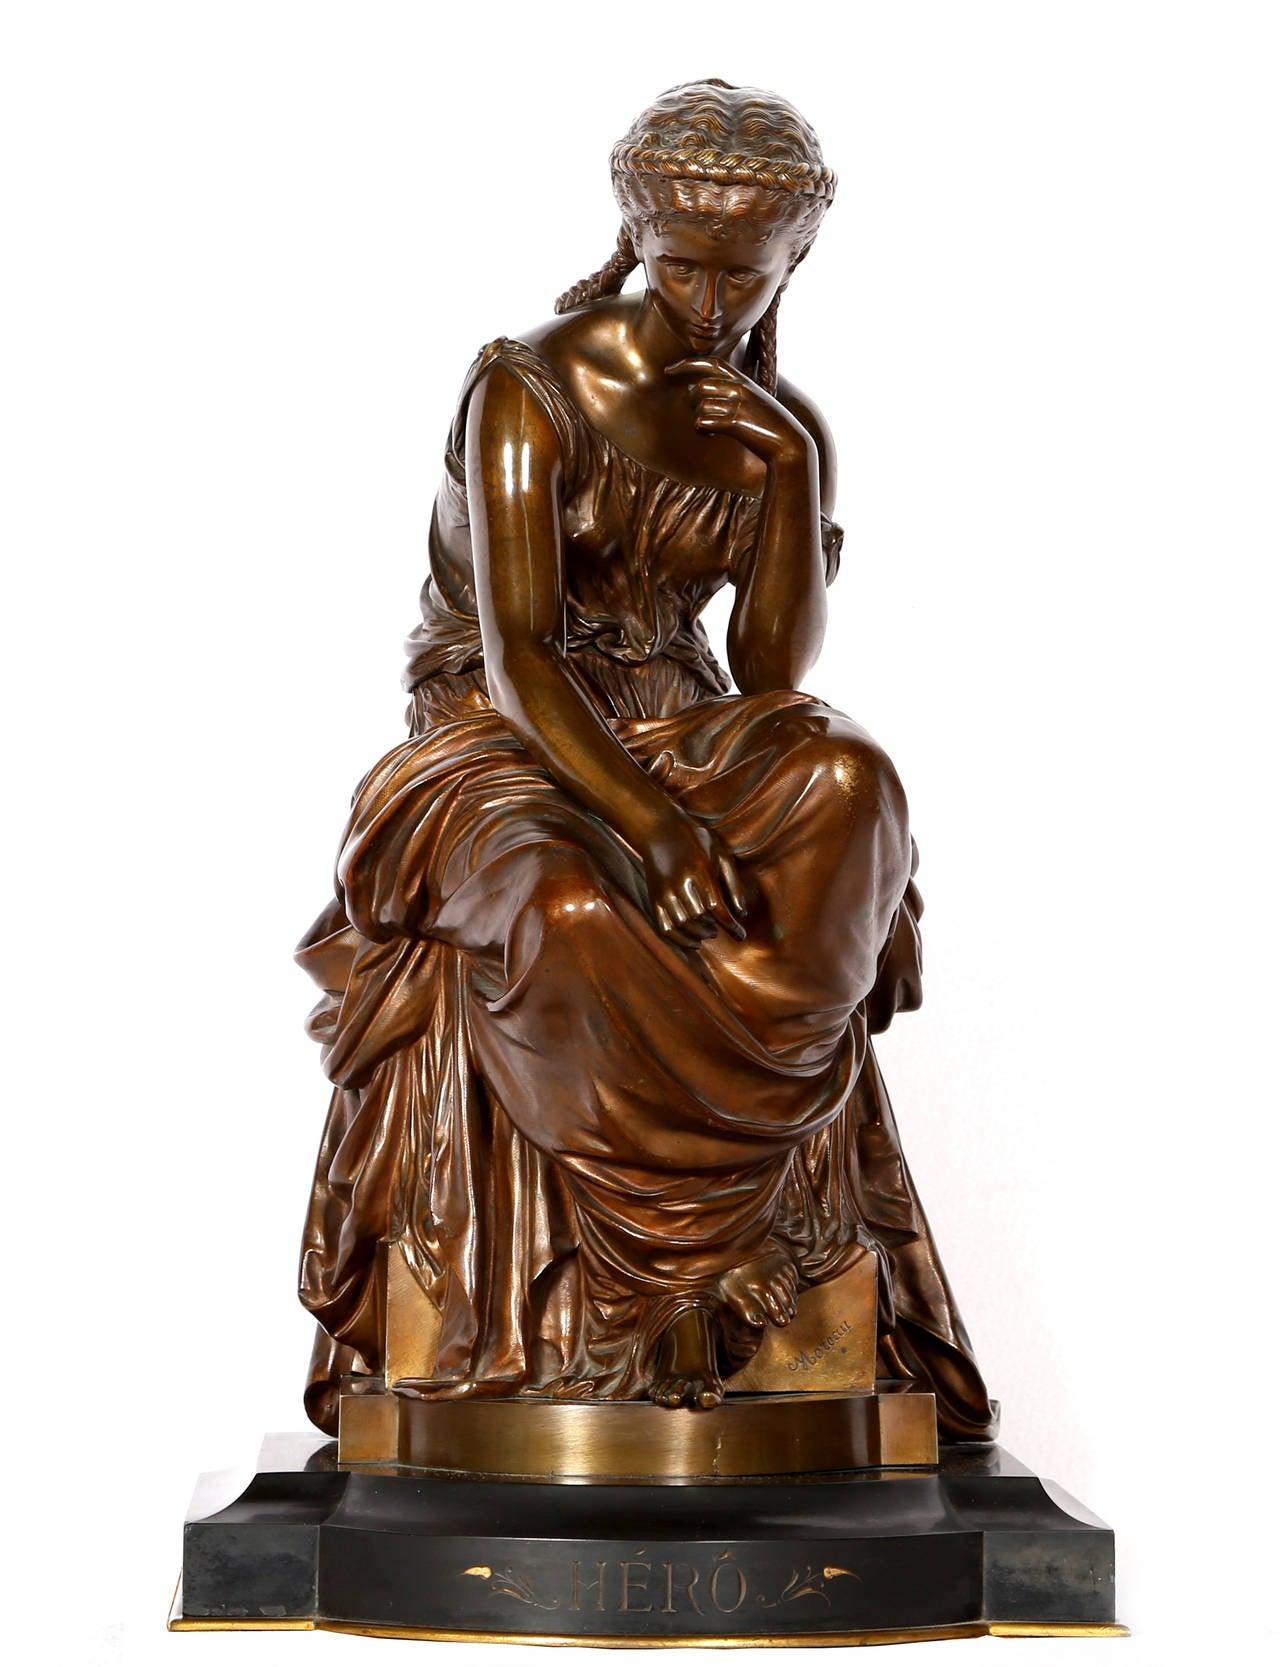 Hero, Art Nouveau Bronze Sculpture by Moreau